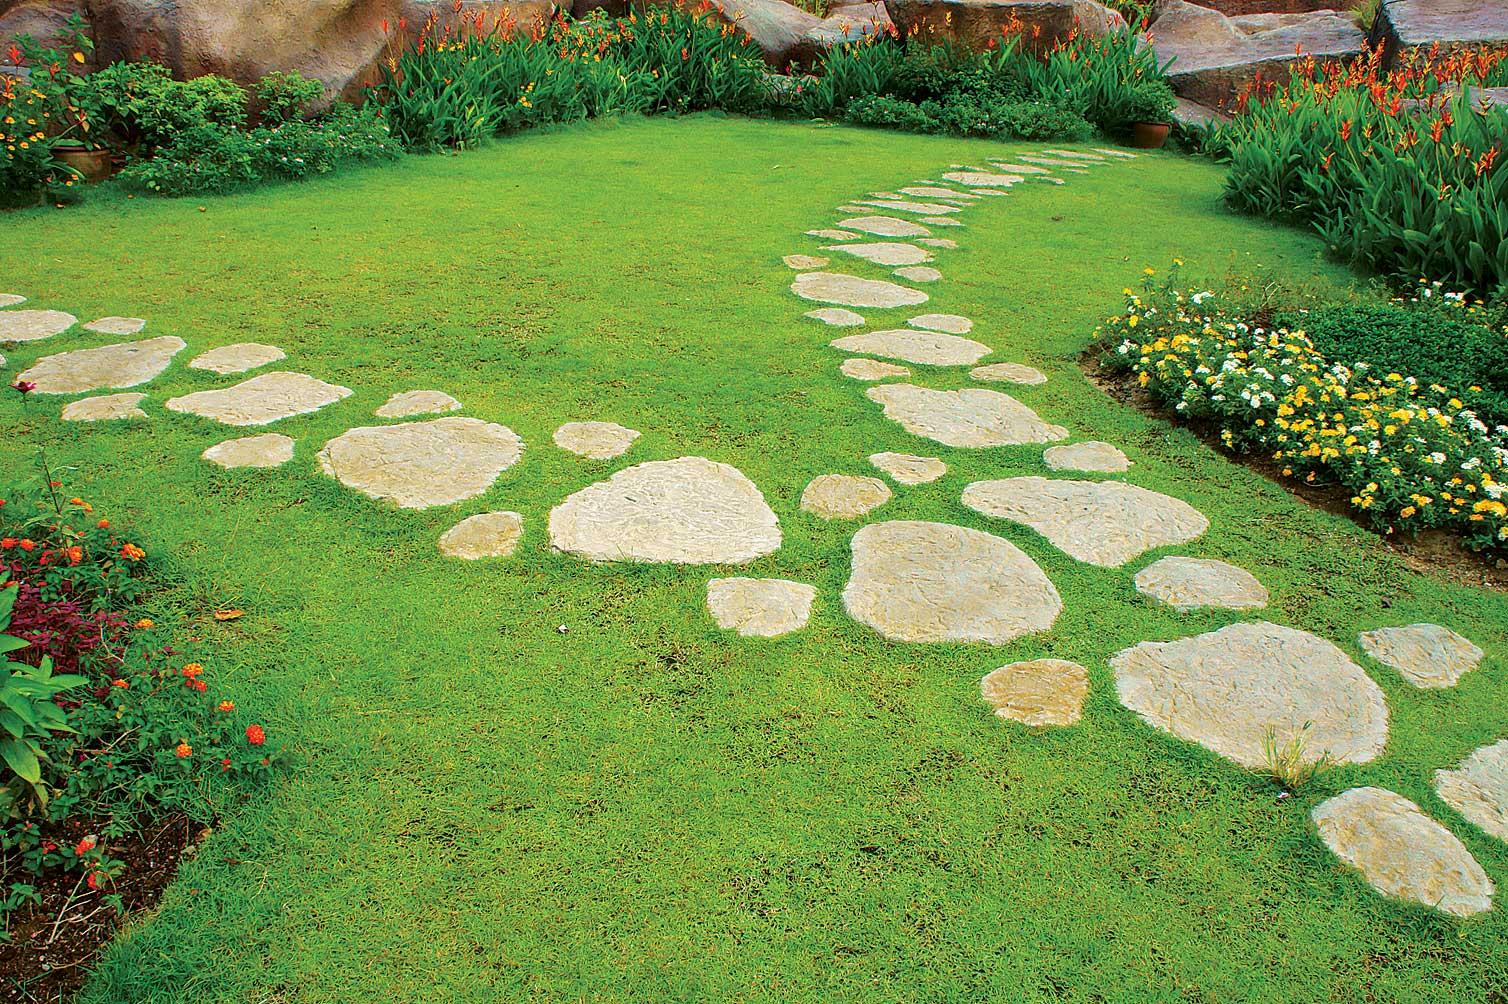 Садовые дорожки своими руками, лучшие фото идеи дорожек: из камня, бетона, дерева и пластика.